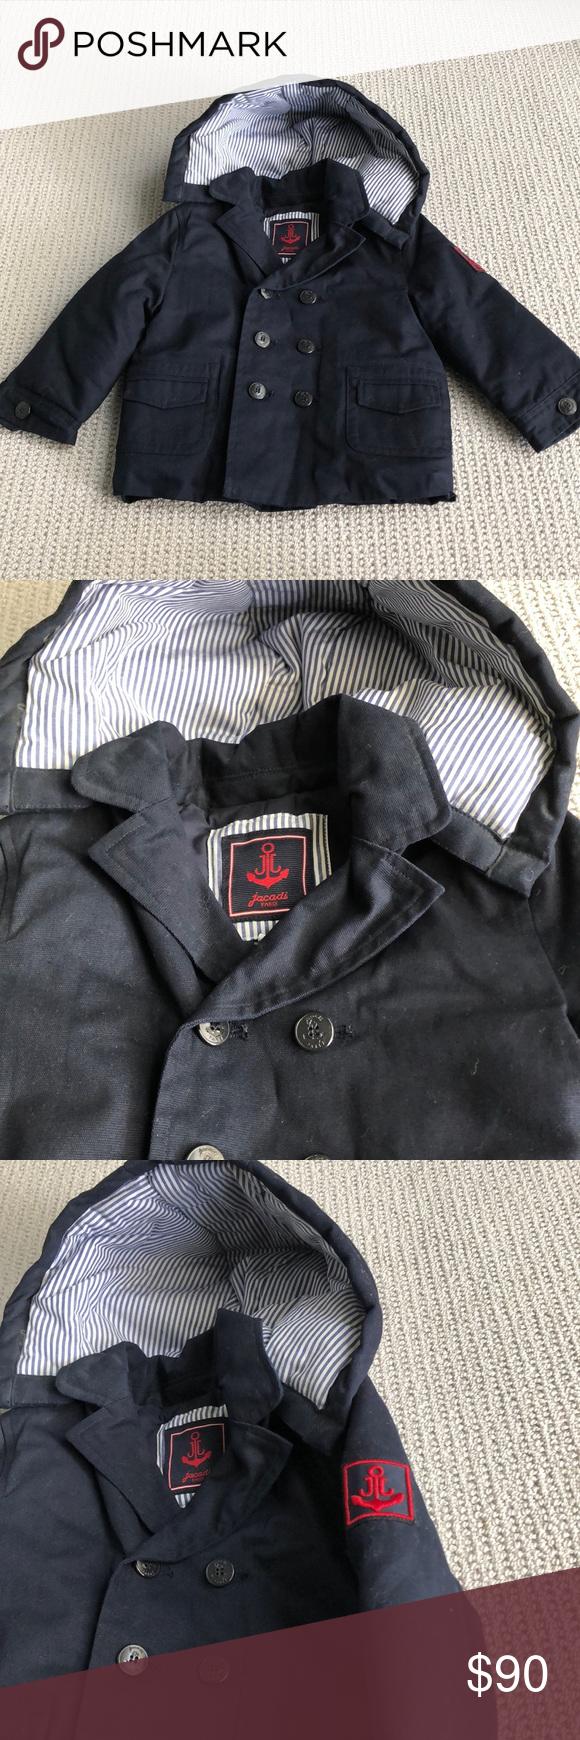 Navy blue Jacadi Paris jacket. Bought in Hong Kong for 180